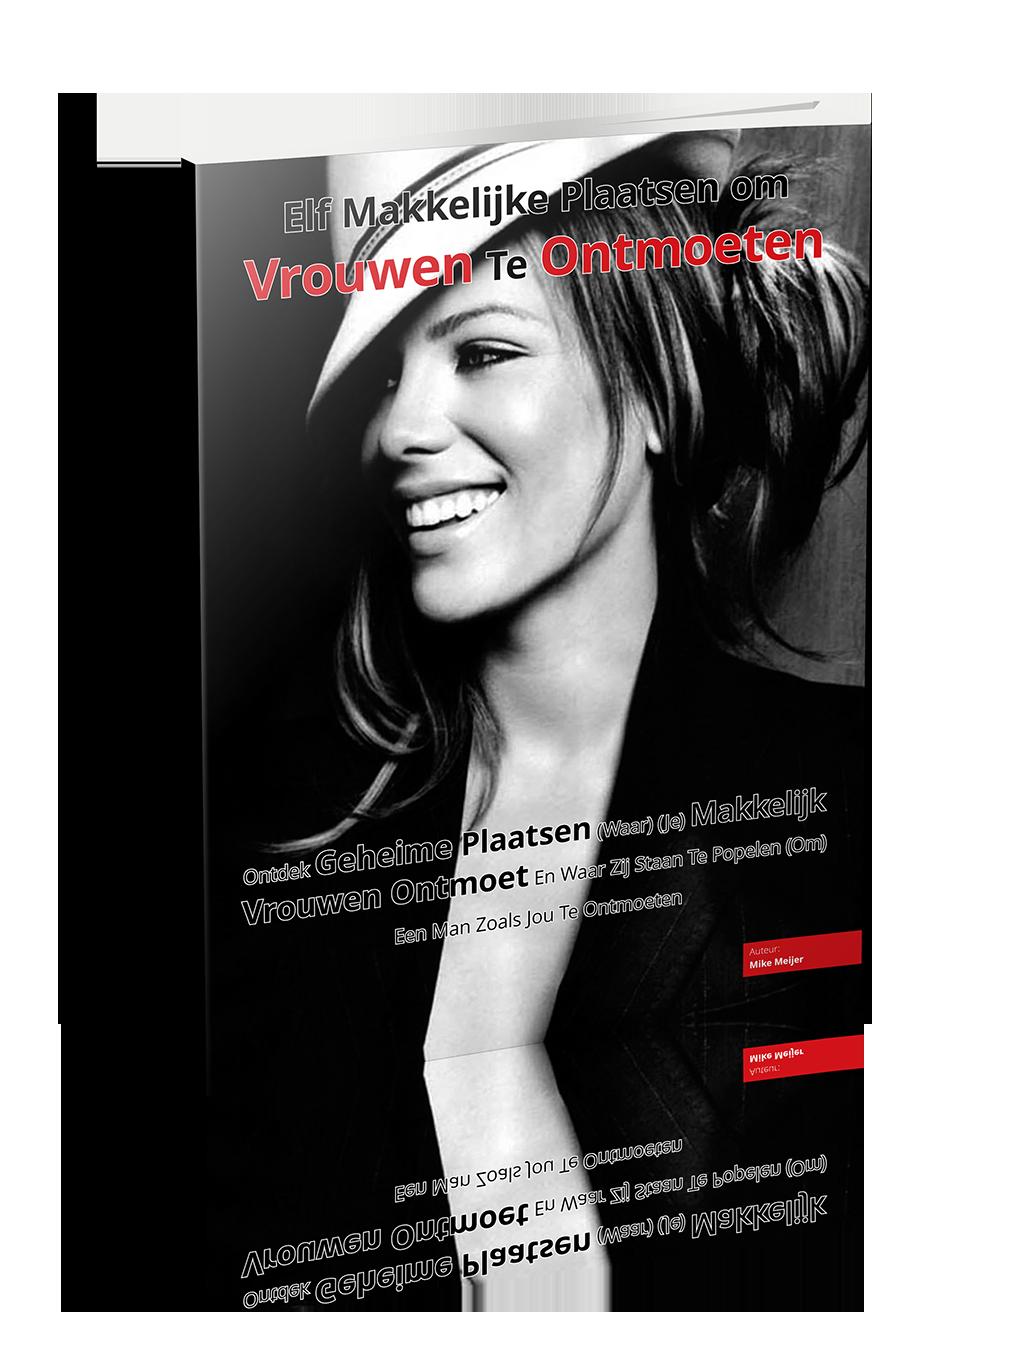 dating sites eigendom van match.com